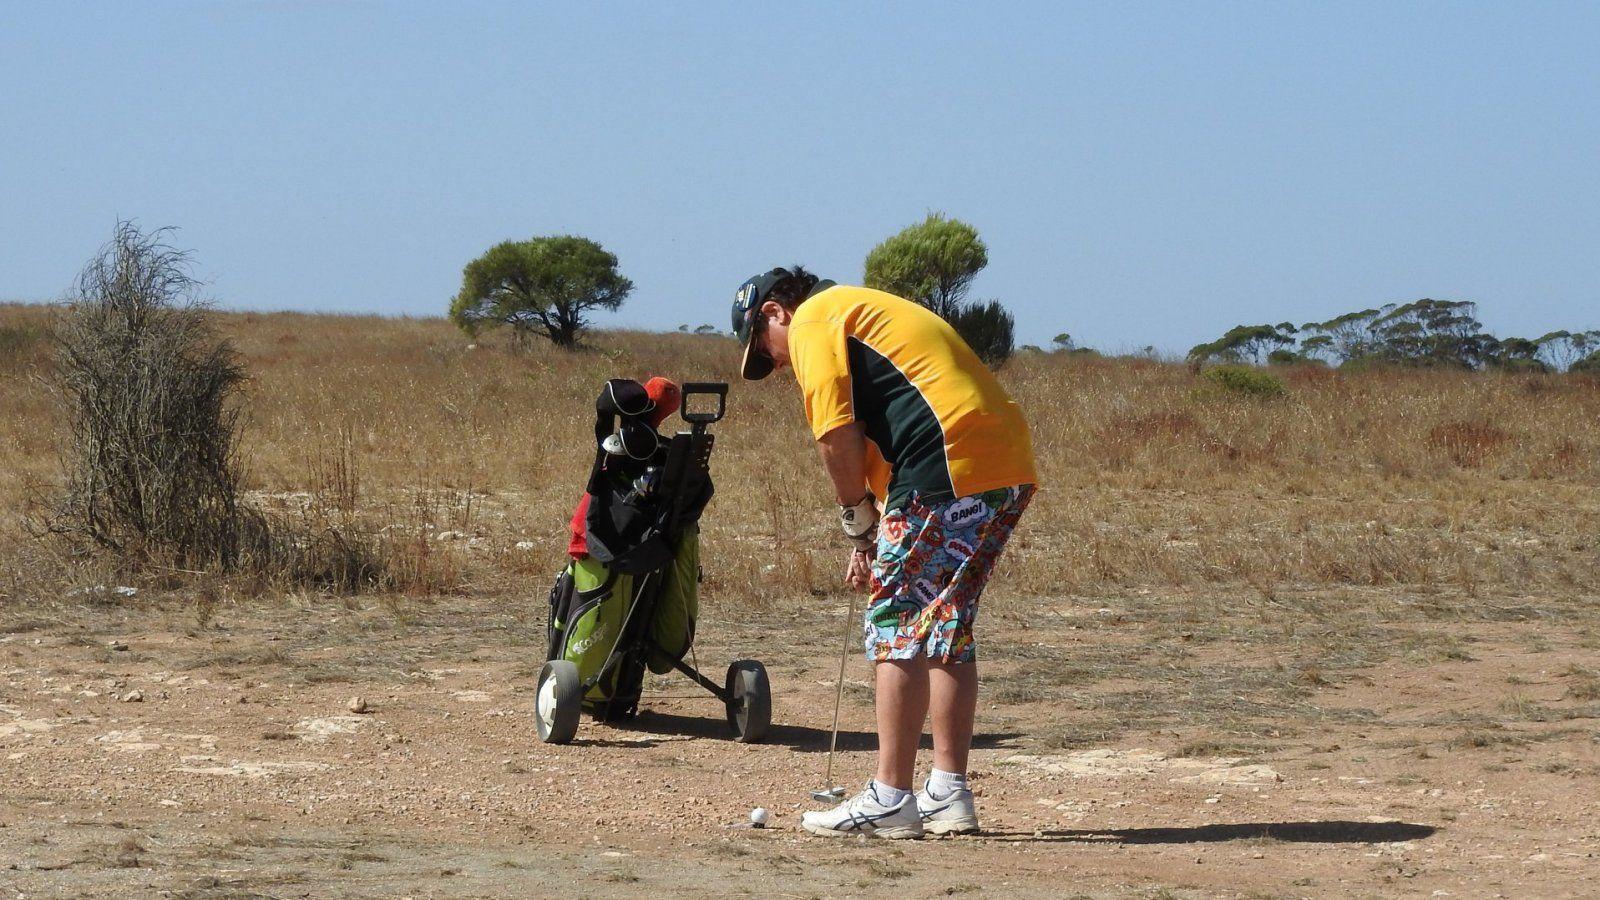 Nullabor Links, a világ leghosszabb golfpályája